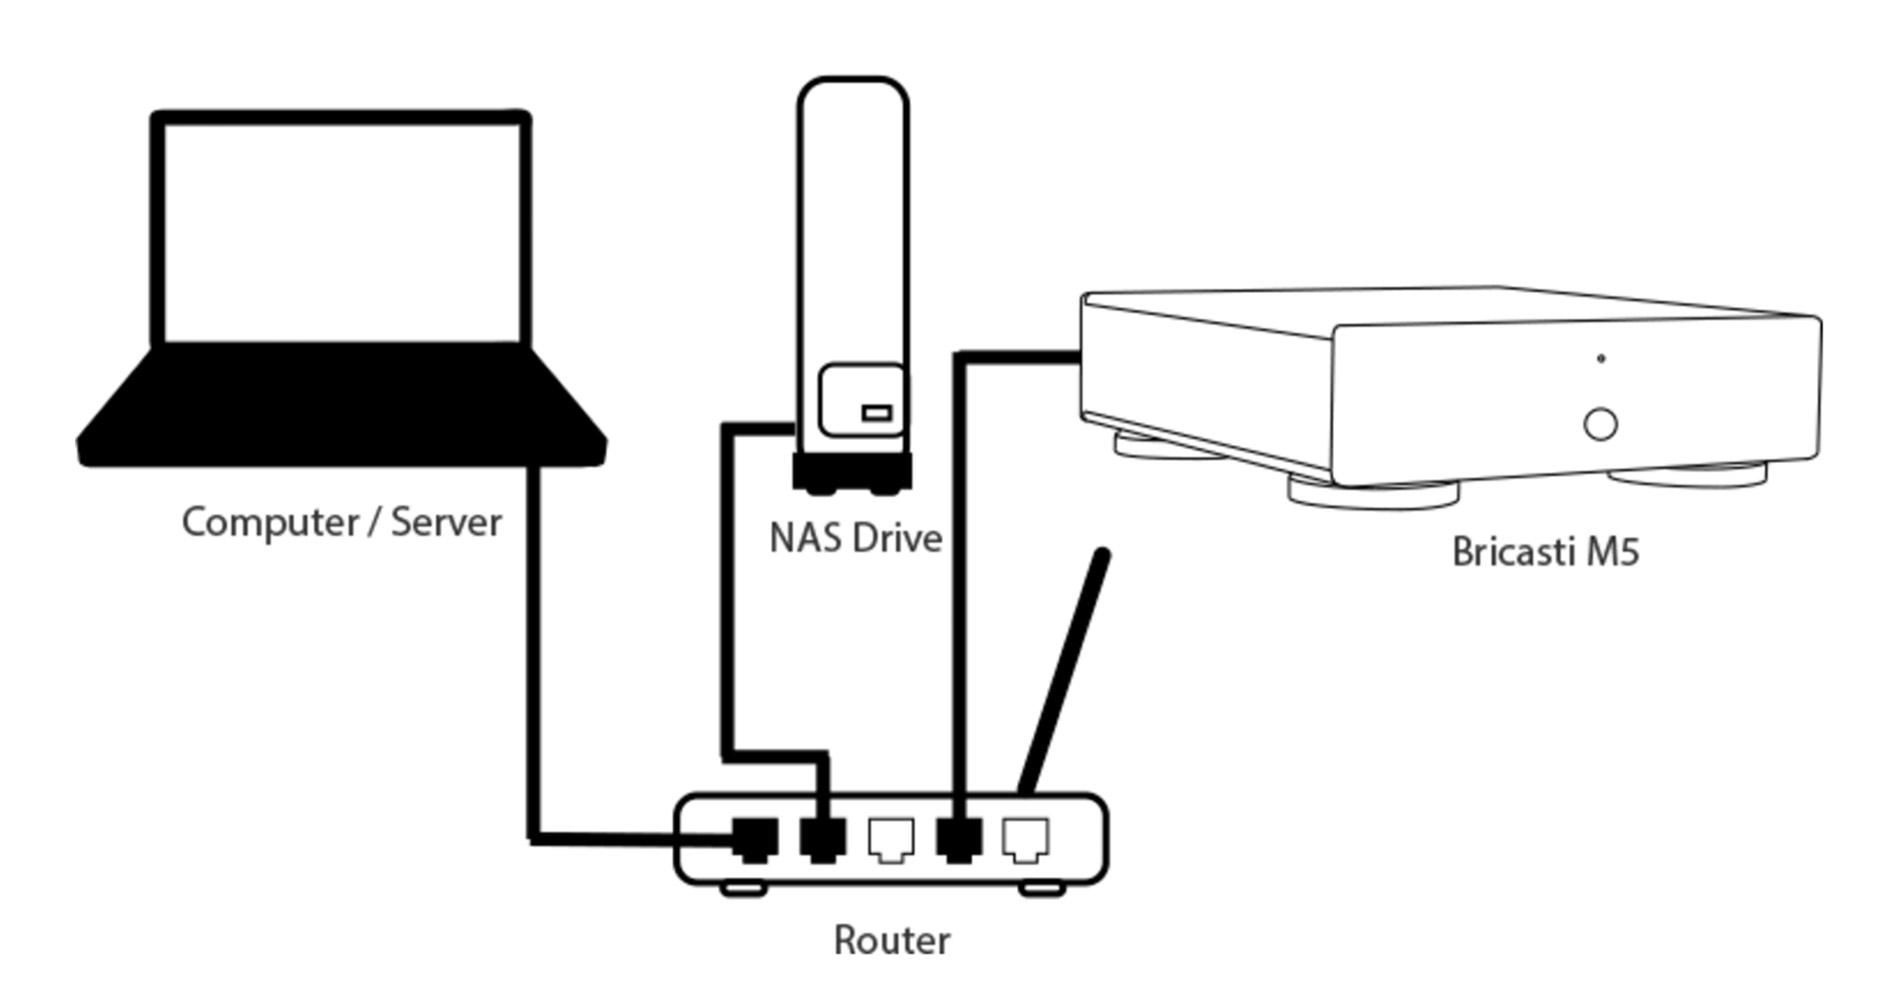 Bricasti M5 Network Setup